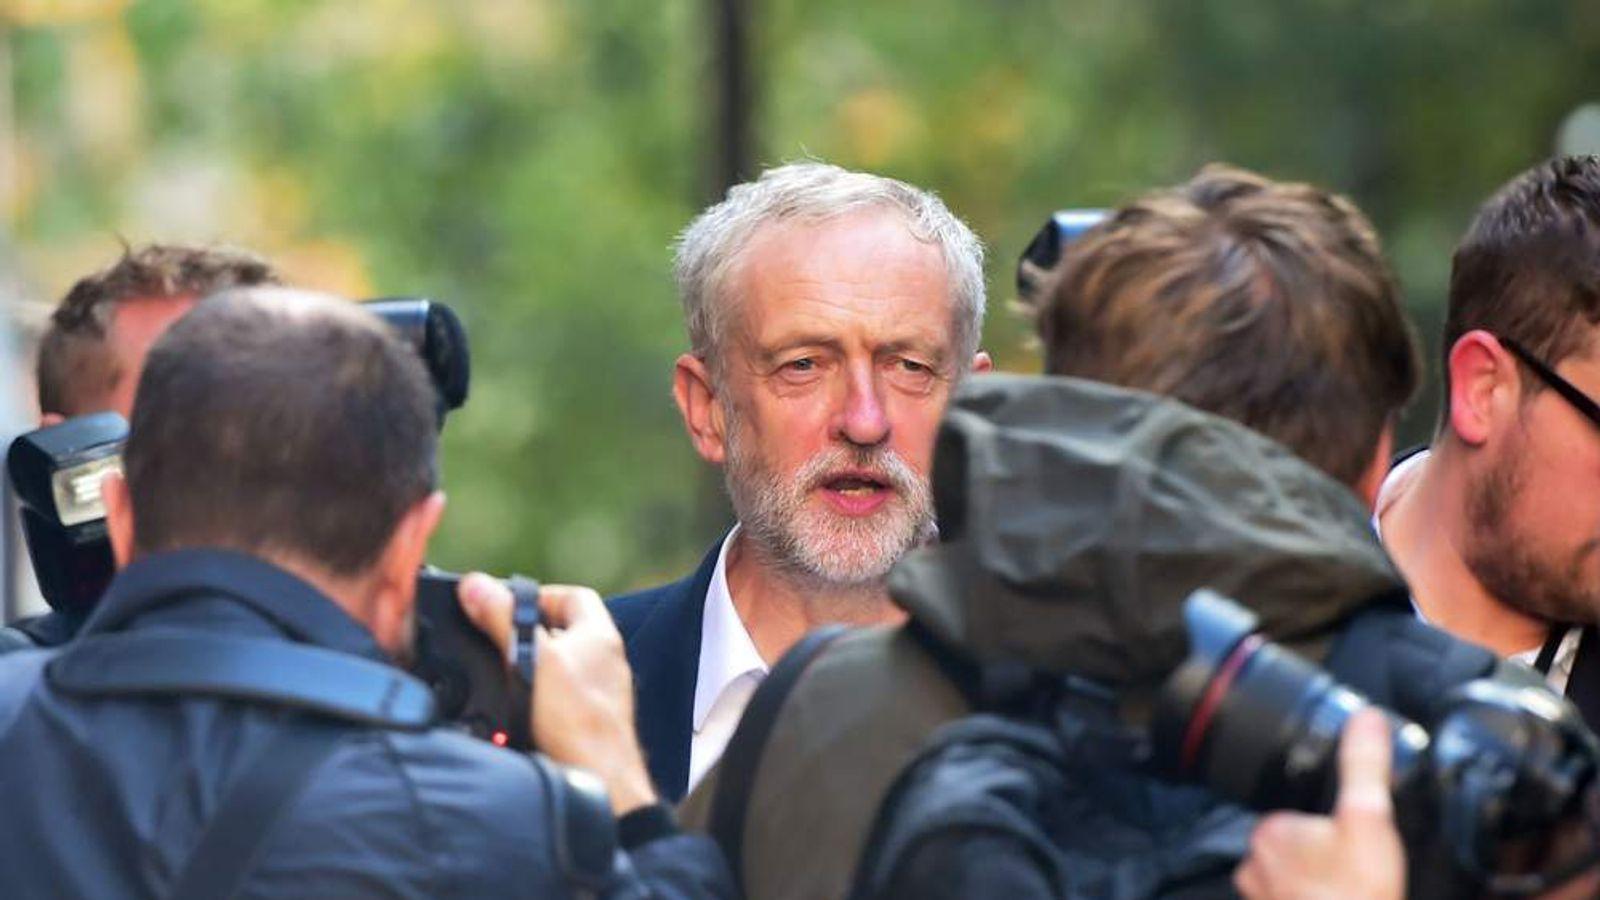 Jeremy Corbyn's shadow cabinet